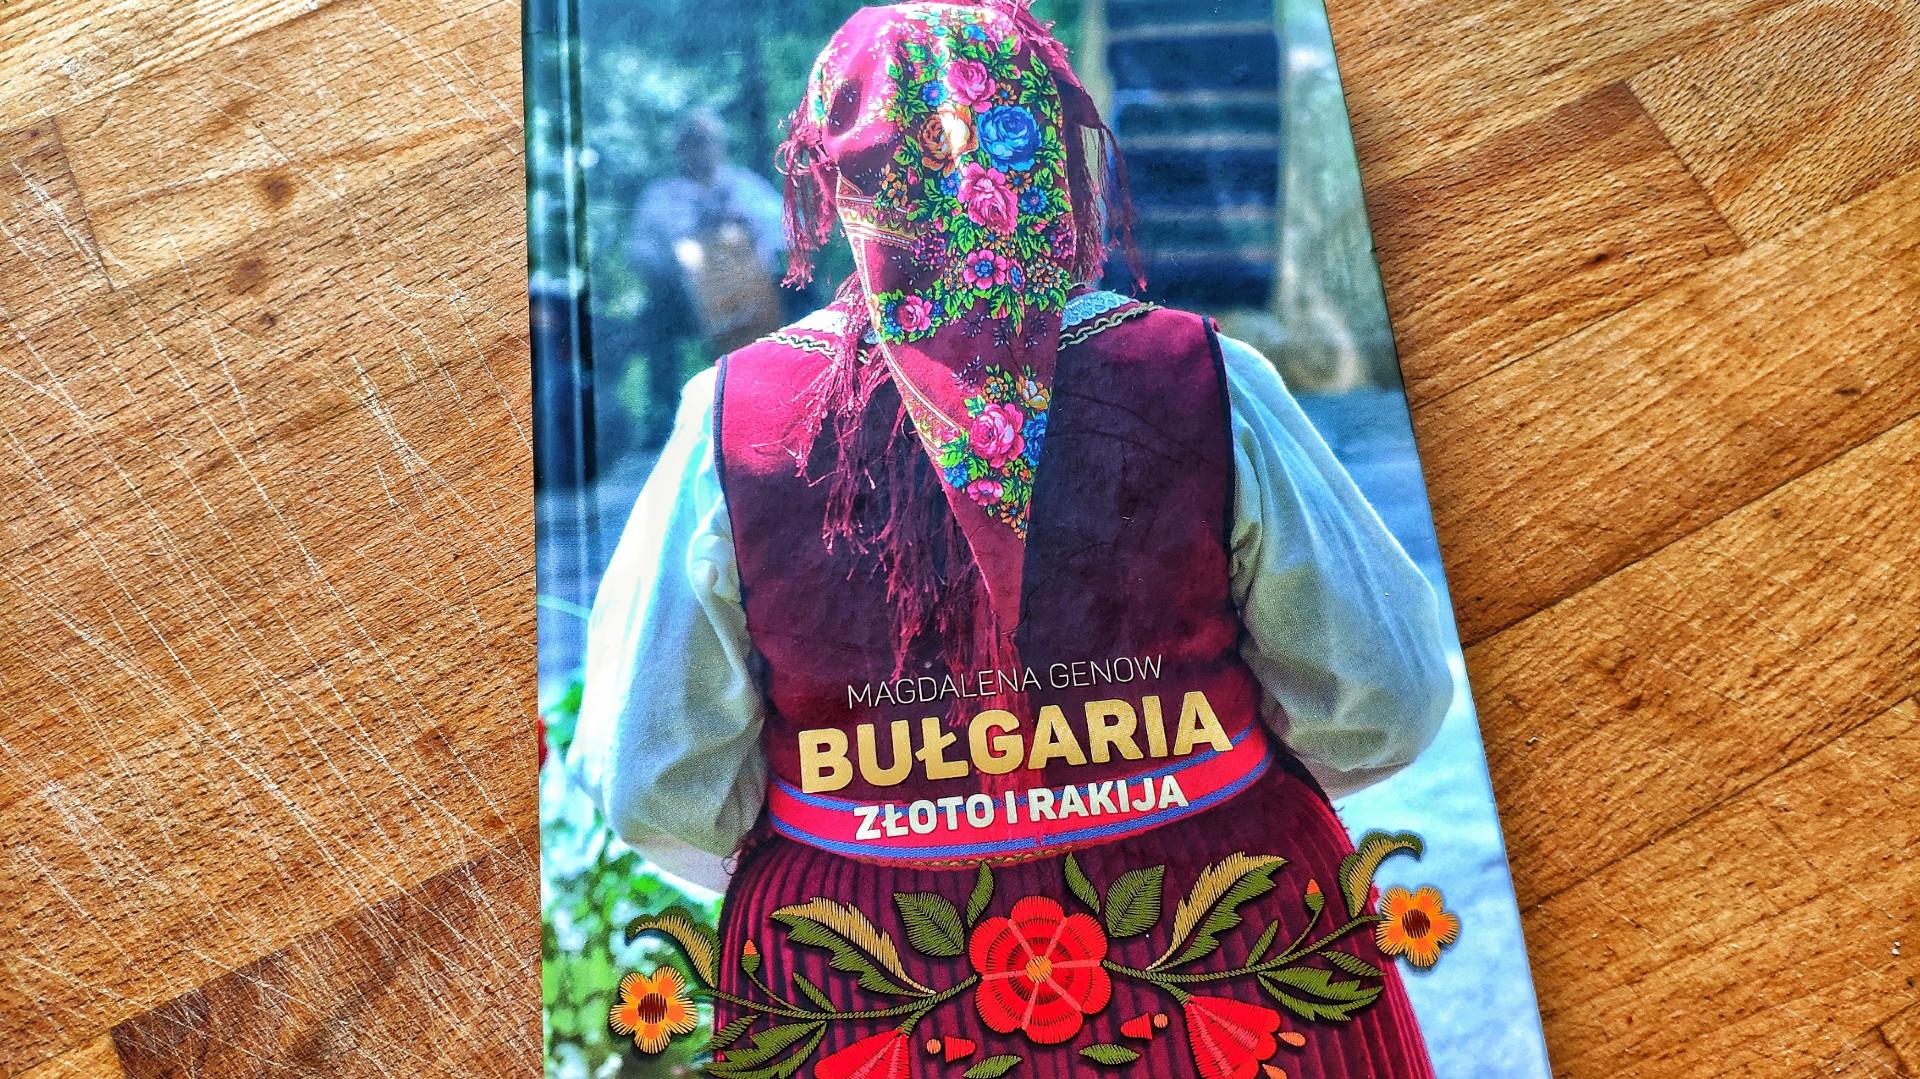 Bułgaria